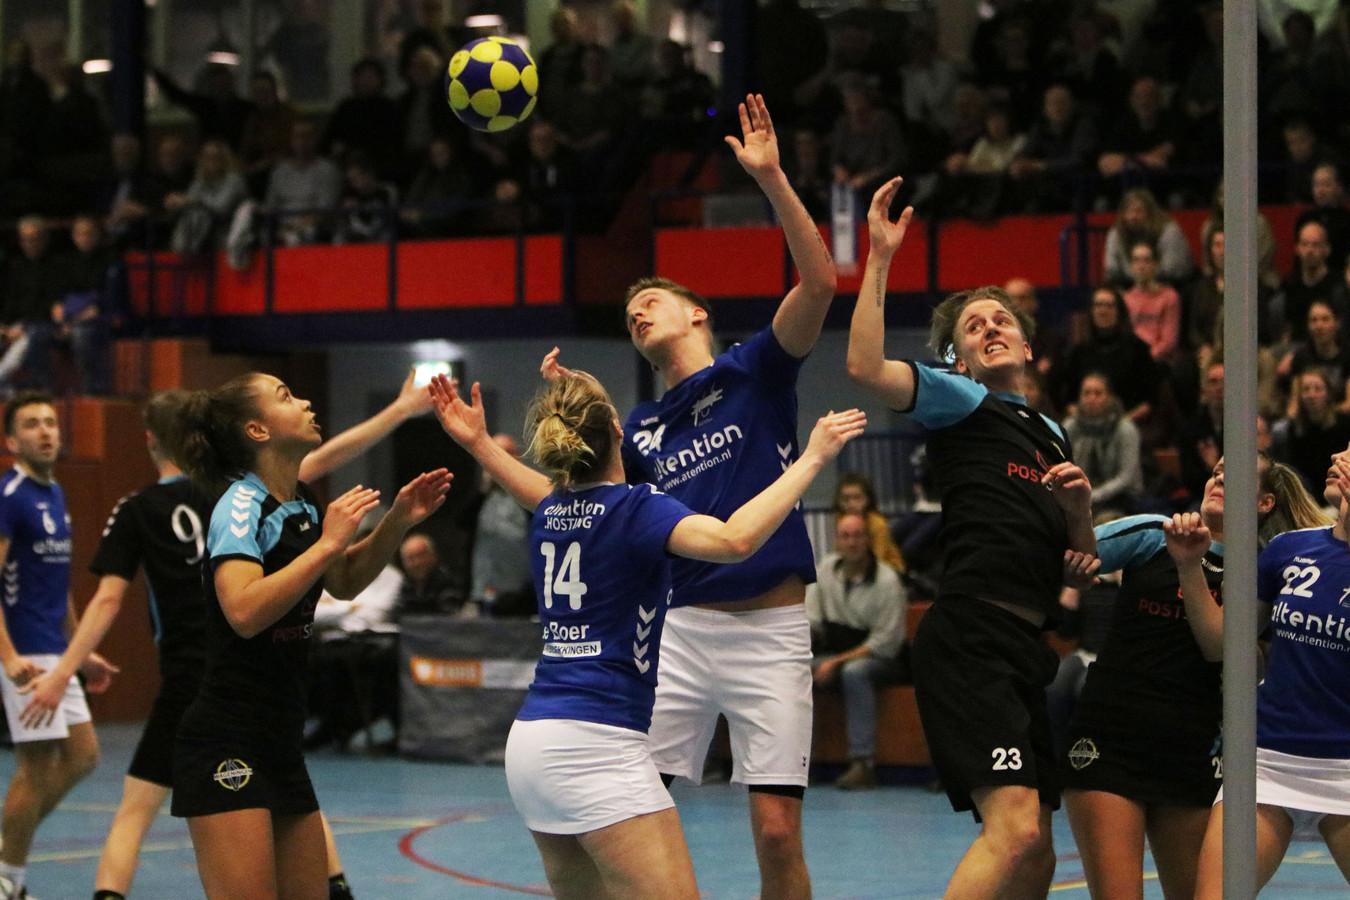 Oost-Arnhem en Wageningen strijden om de bal in het drukbezette Arnhemse sportcentrum Valkenhuizen.